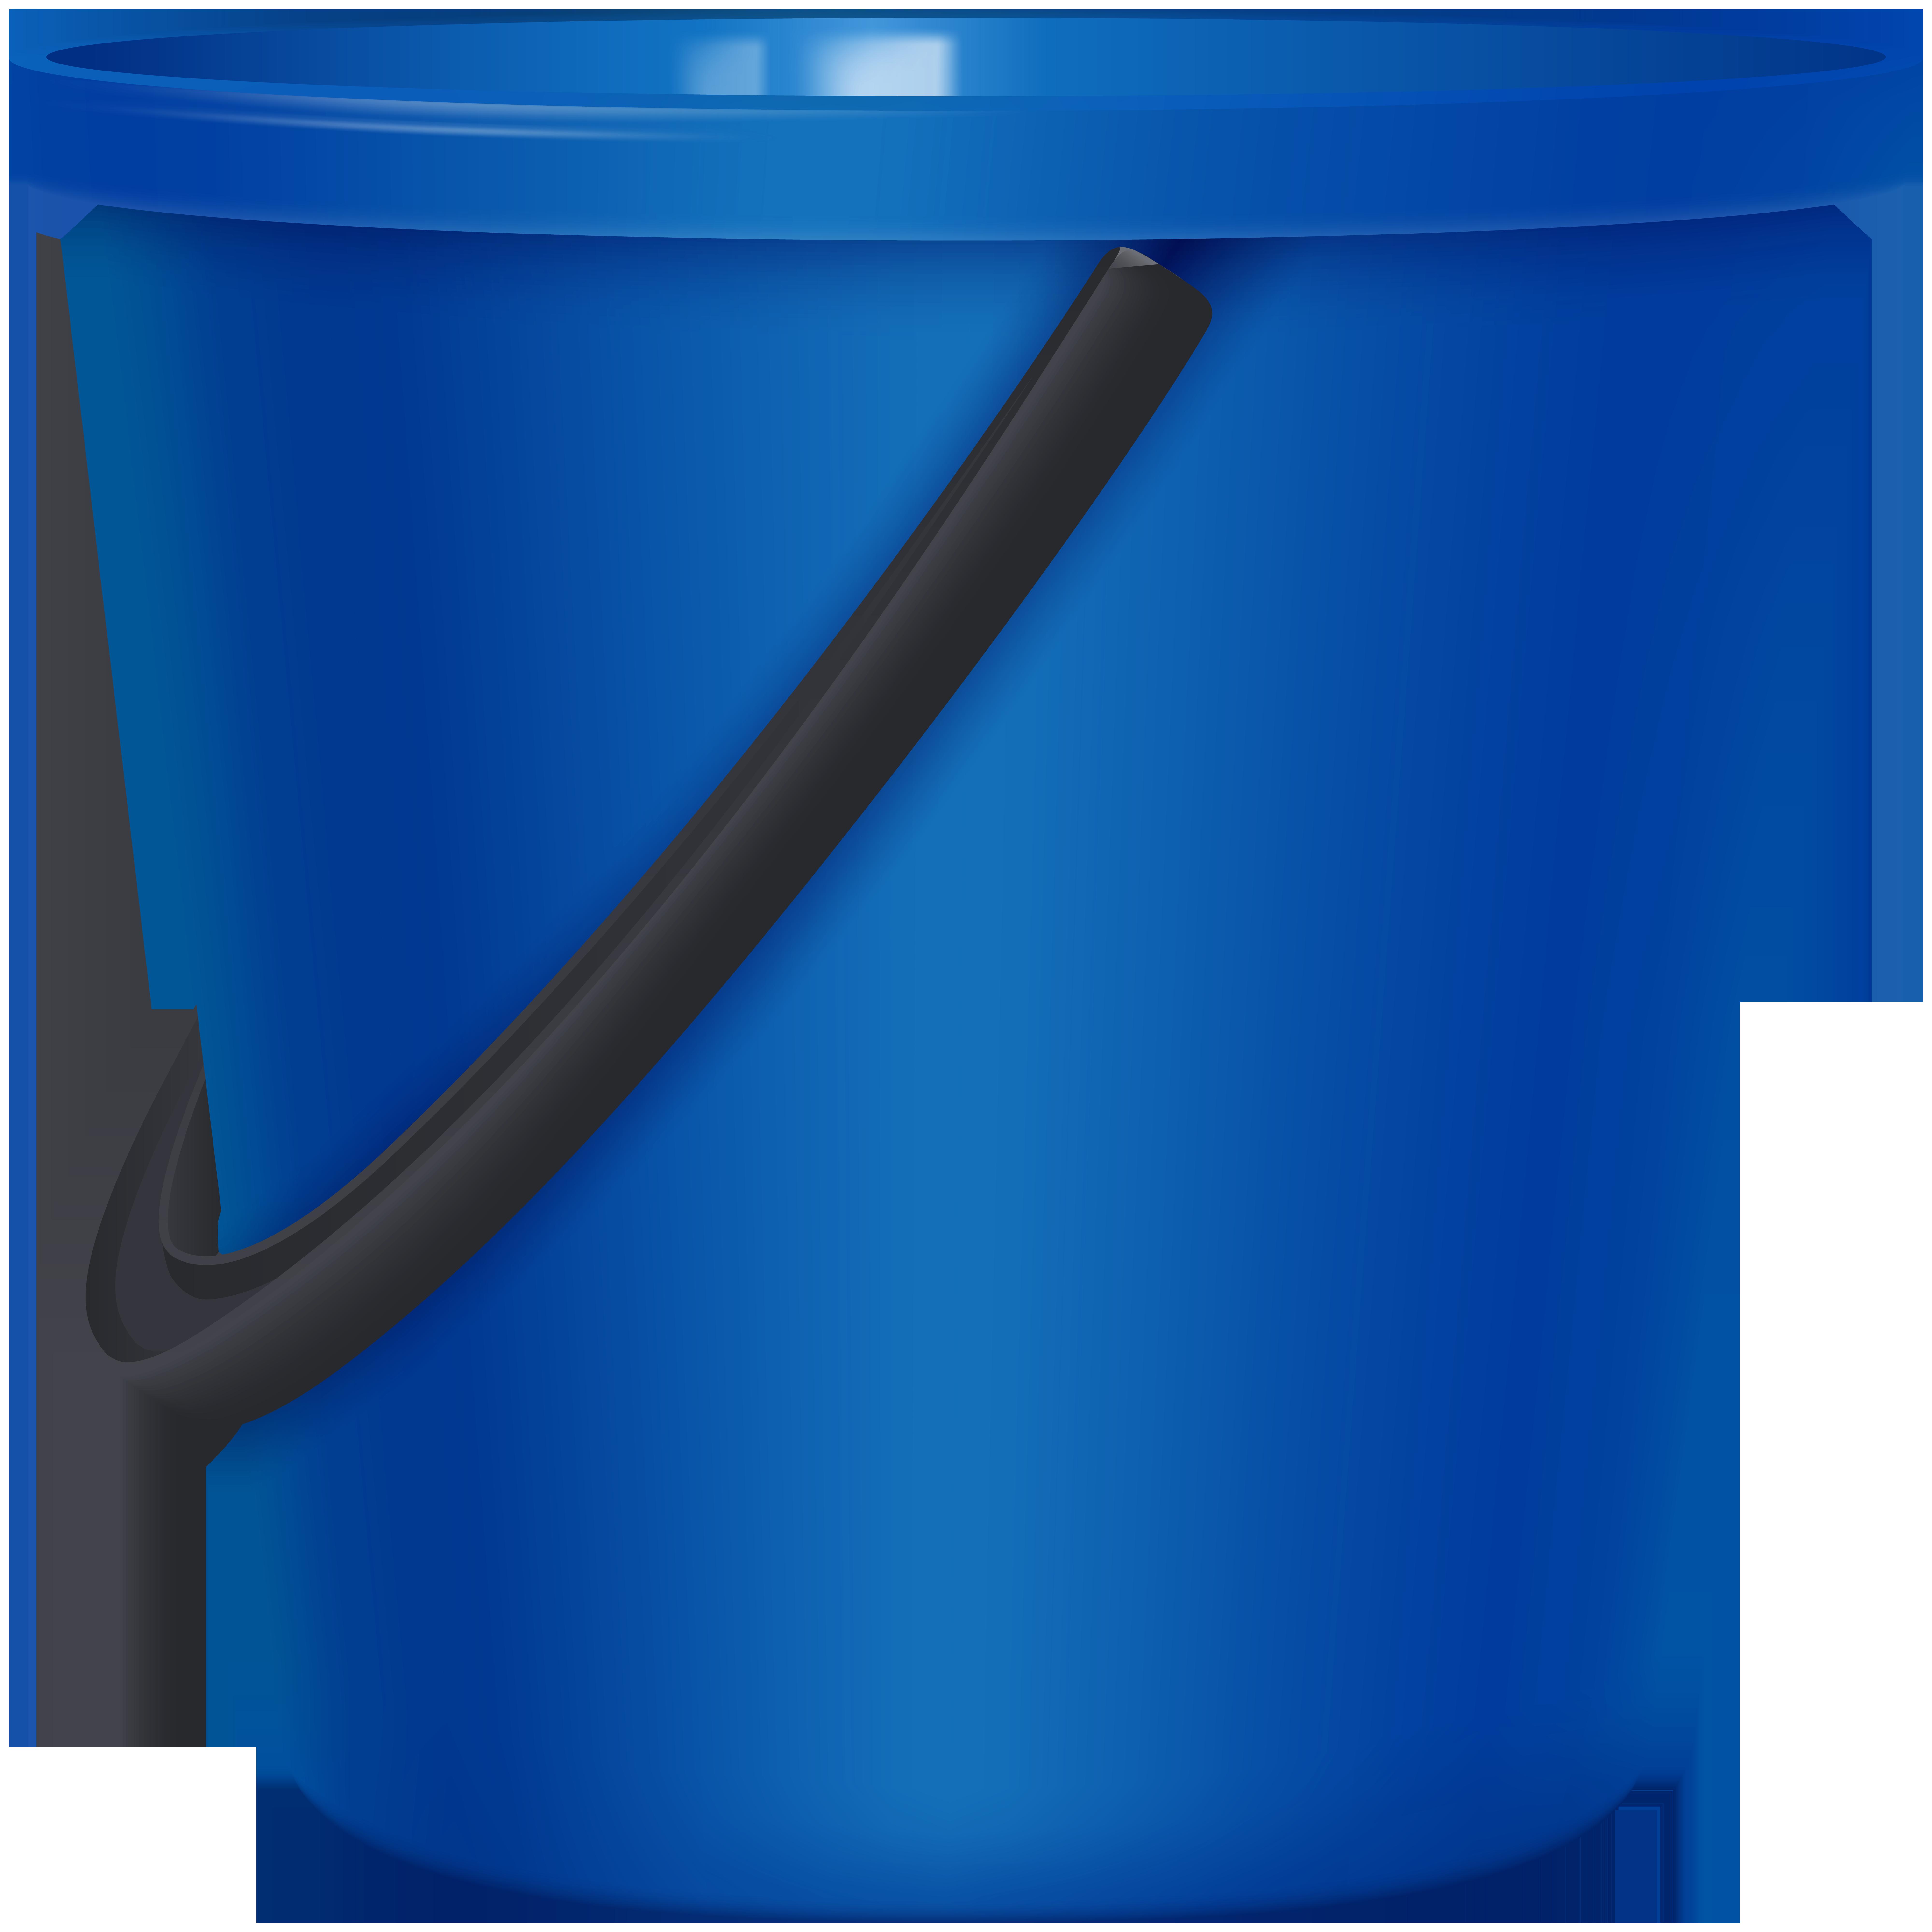 Png clip art best. Bucket clipart blue bucket